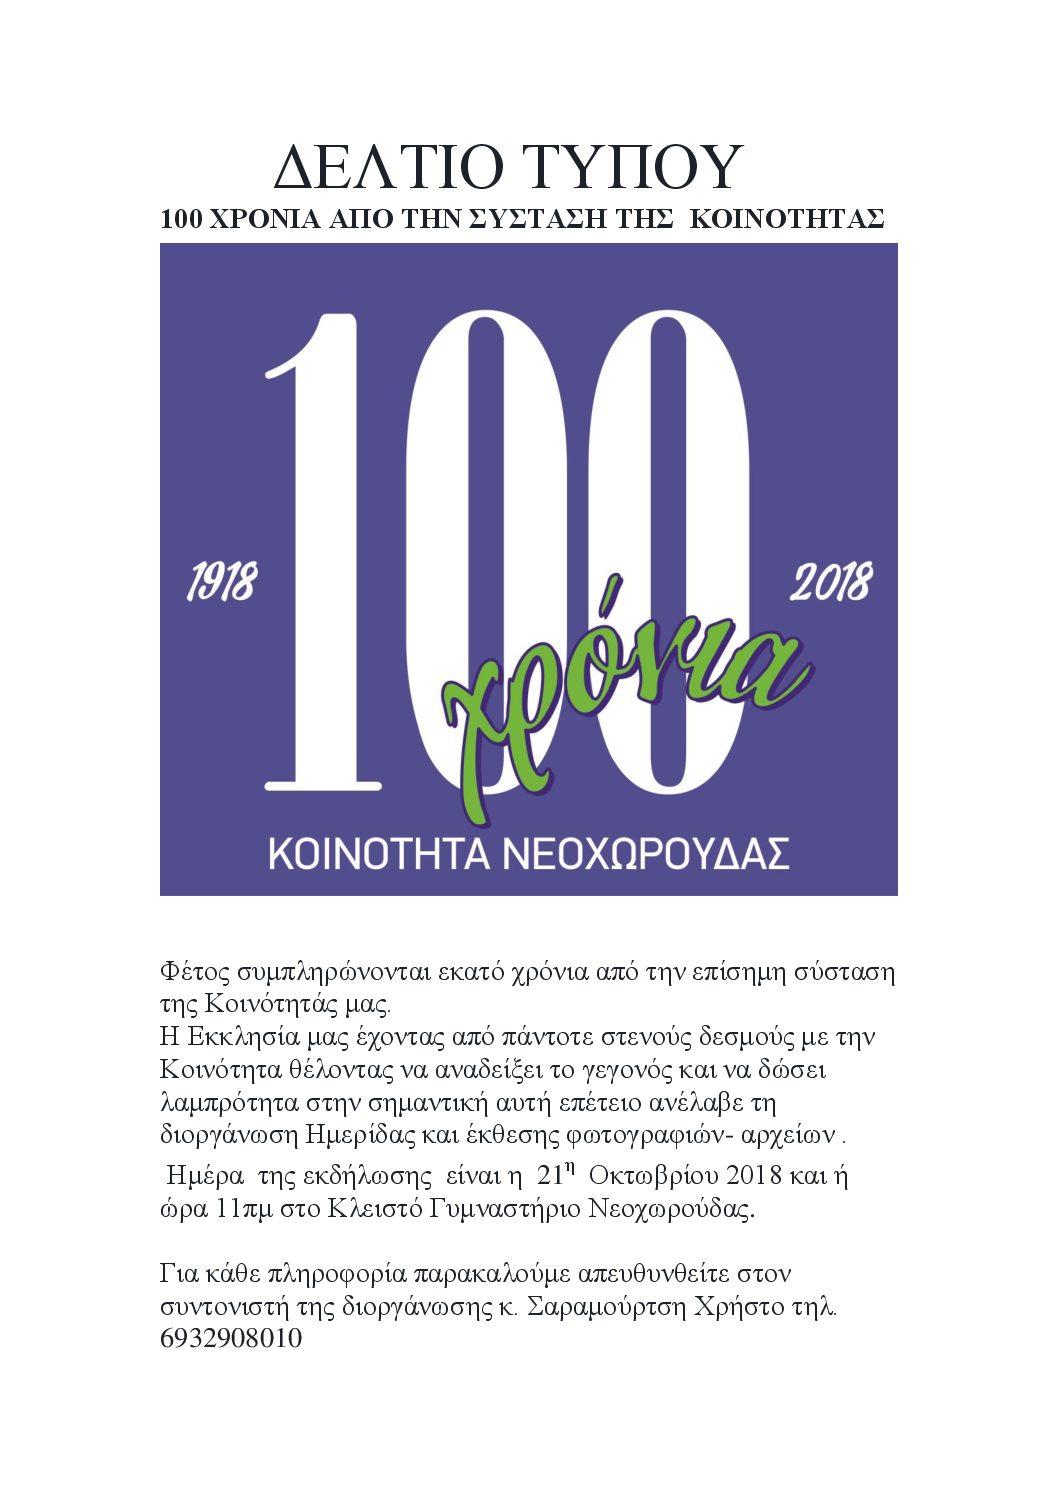 100 ΧΡΟΝΙΑ ΑΠΟ ΤΗΝ ΣΥΣΤΑΣΗ ΤΗΣ ΚΟΙΝΟΤΗΤΑΣ ΝΕΟΧΩΡΟΥΔΑΣ